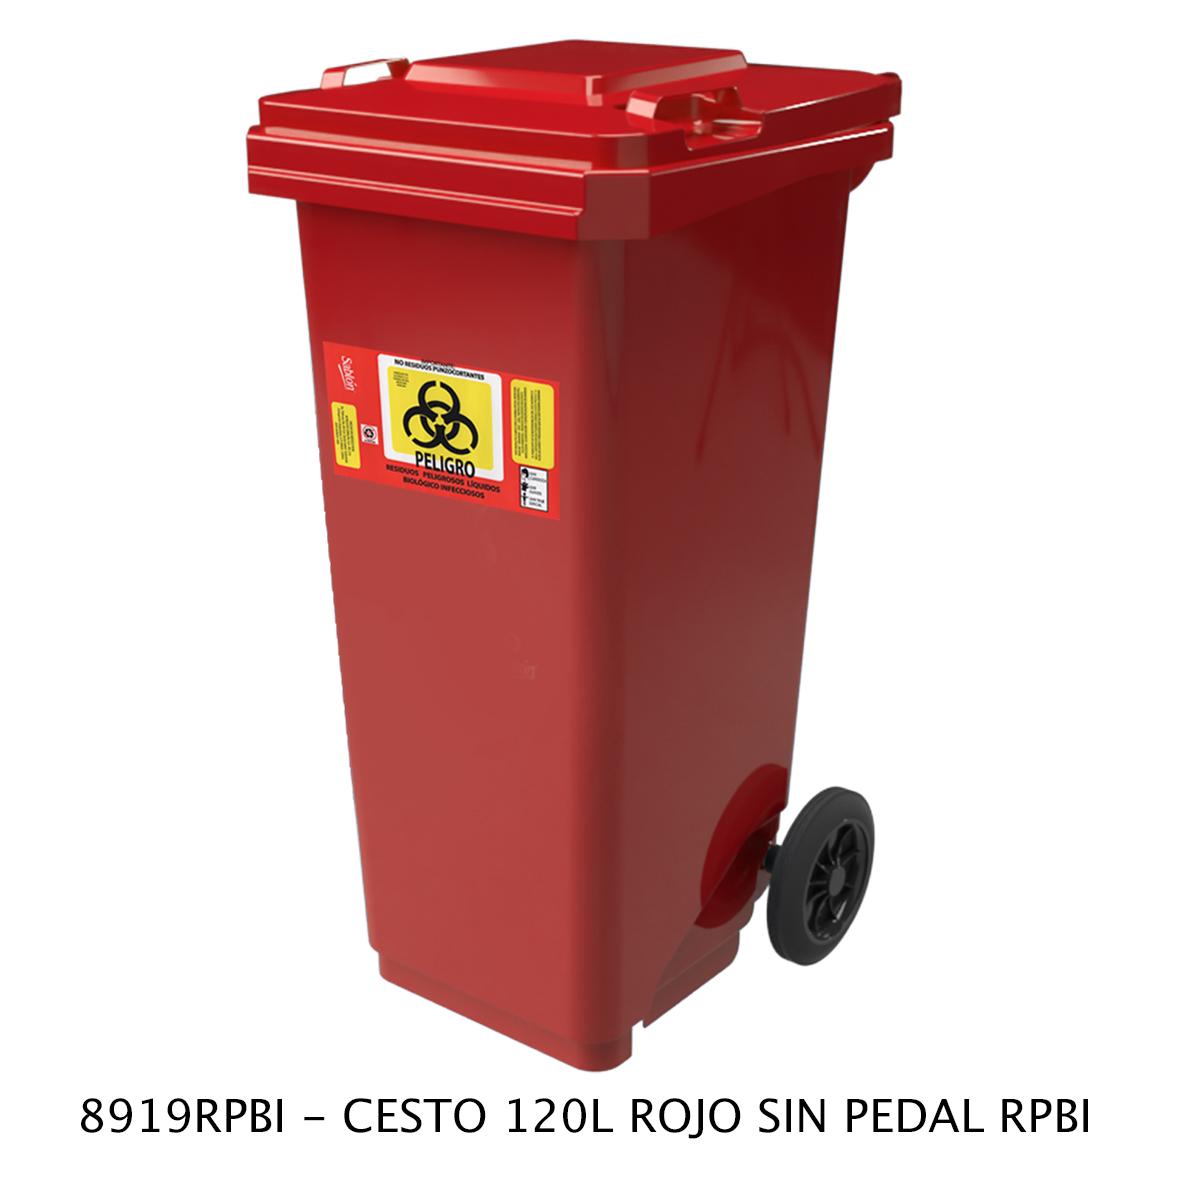 Bote de basura de 120 litros sin pedal modelo 8919RPBI de Sablón